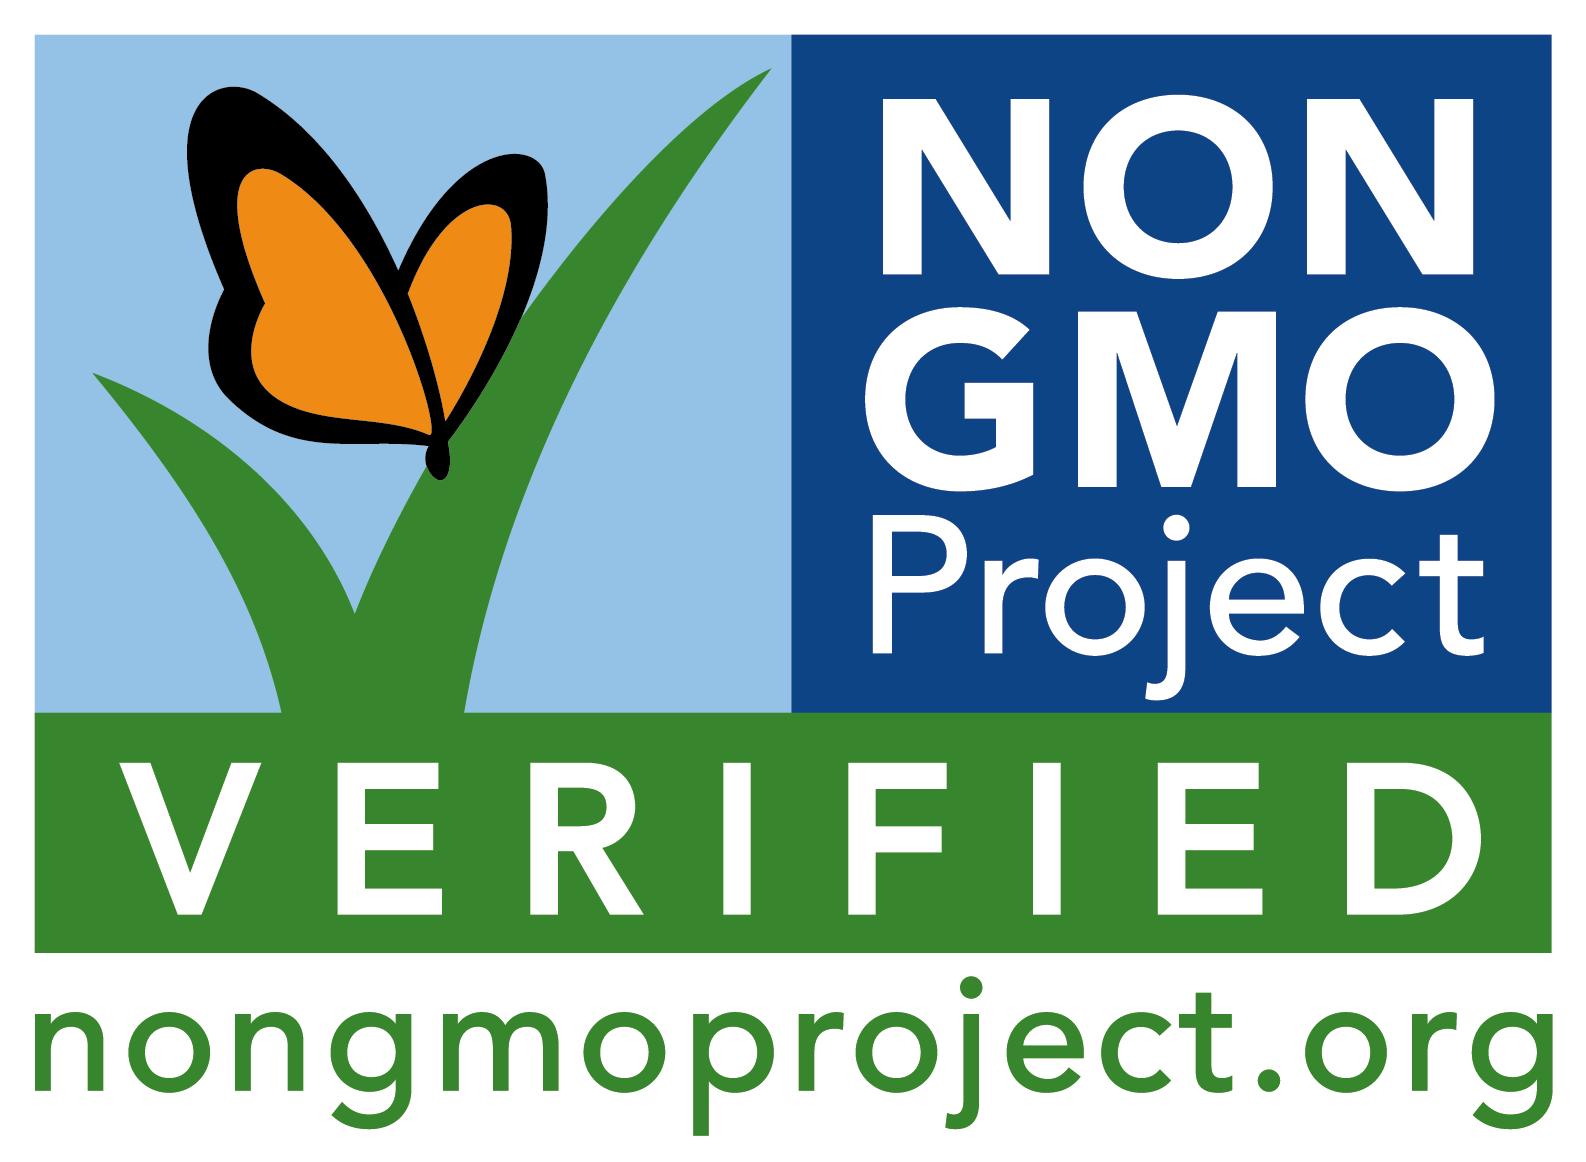 Non-GMO Verified Logo